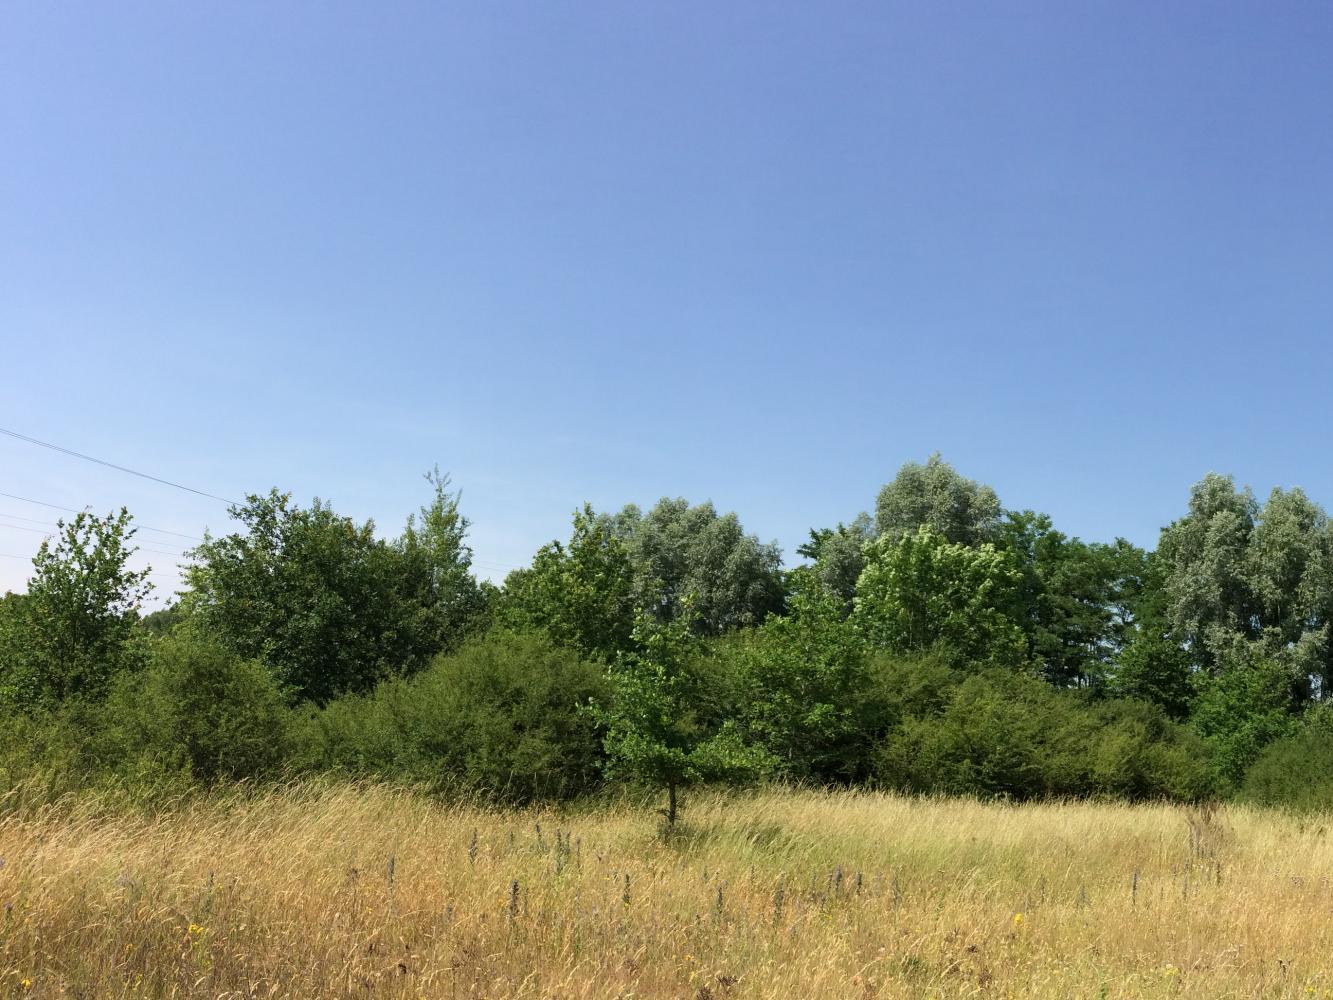 Projet de parc photovoltaïque au sol sur la commune de Dompierre-sur-Besbre dans l'Allier